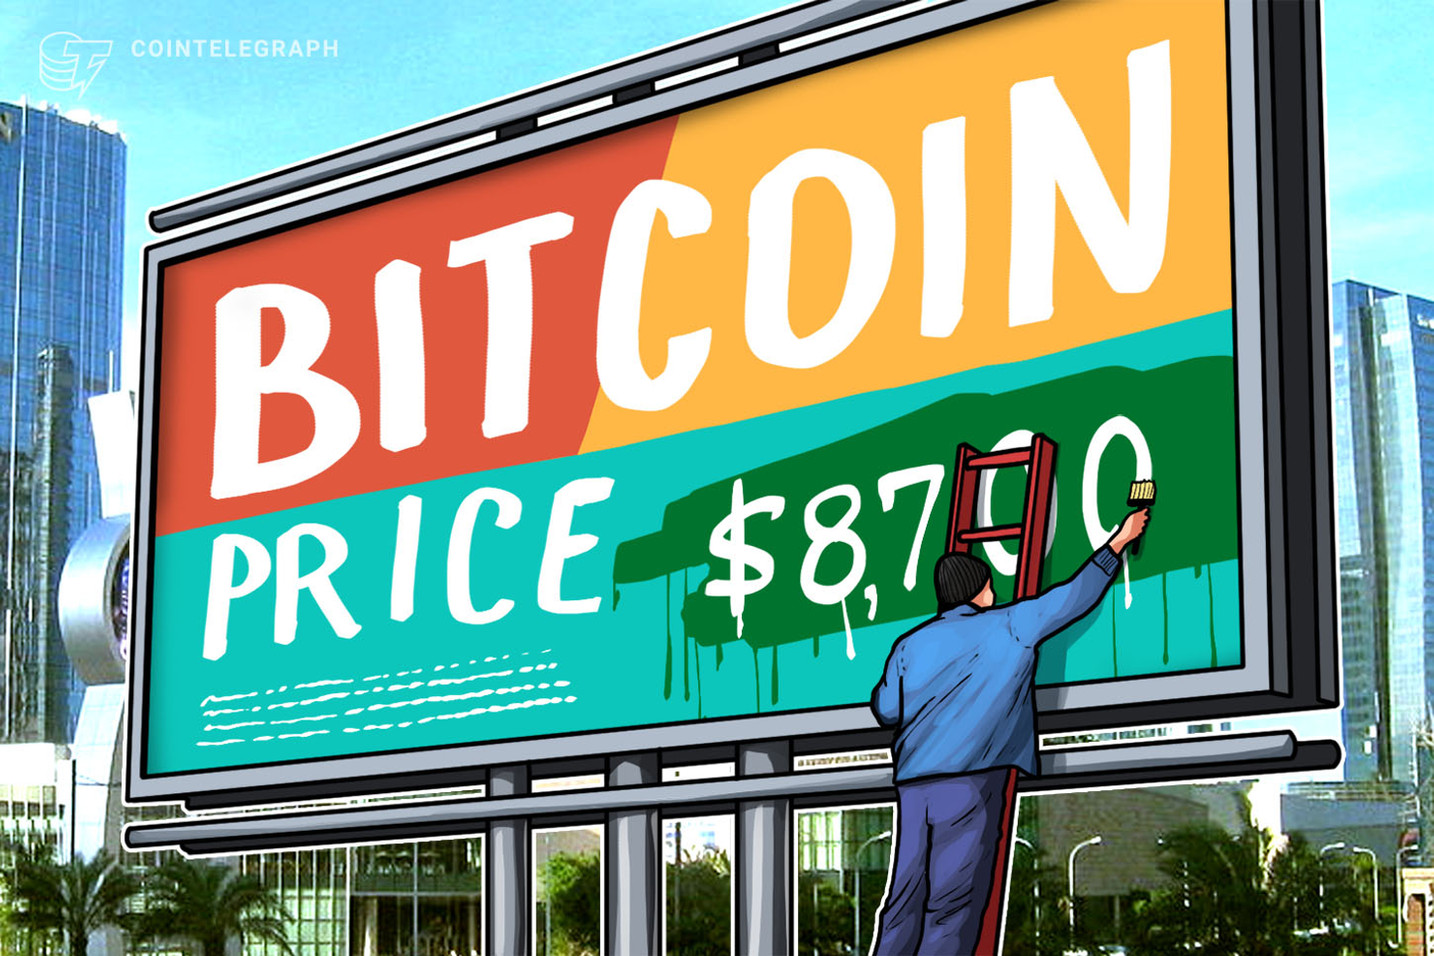 ビットコイン、早くも8700ドル台にリターン|「独身の日」サプライズ発表はなしか【仮想通貨相場】